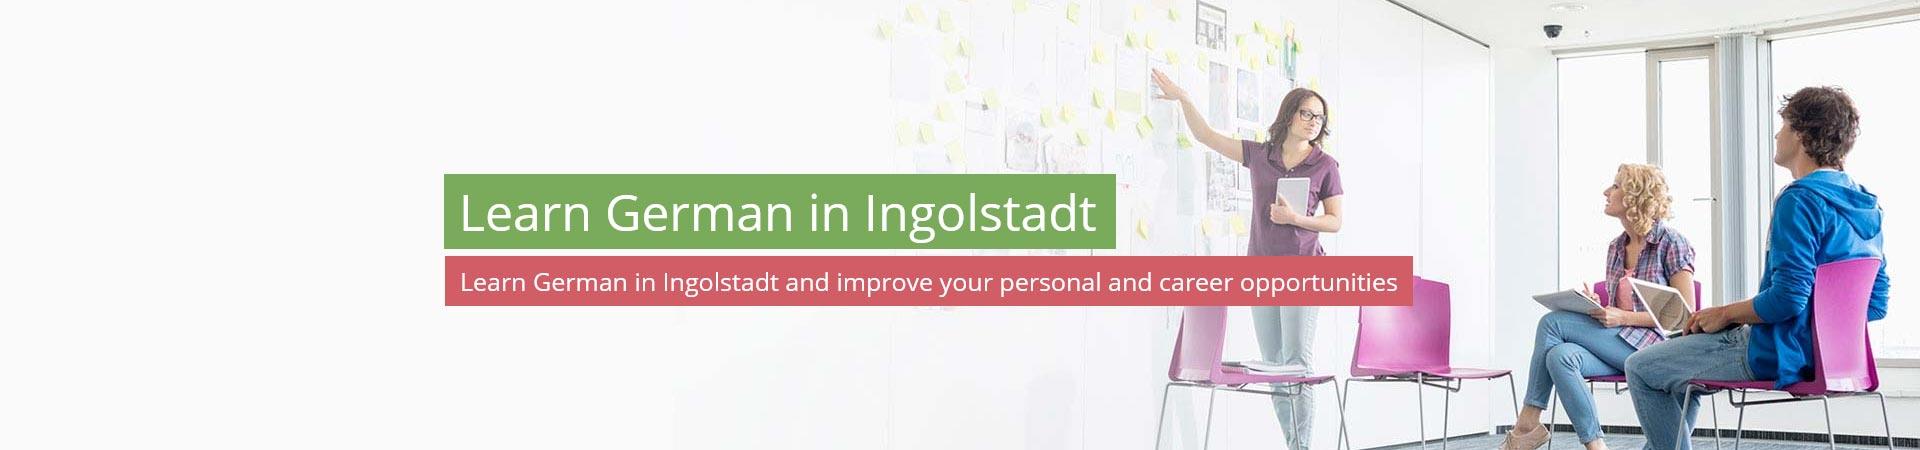 Learn German in Ingolstadt